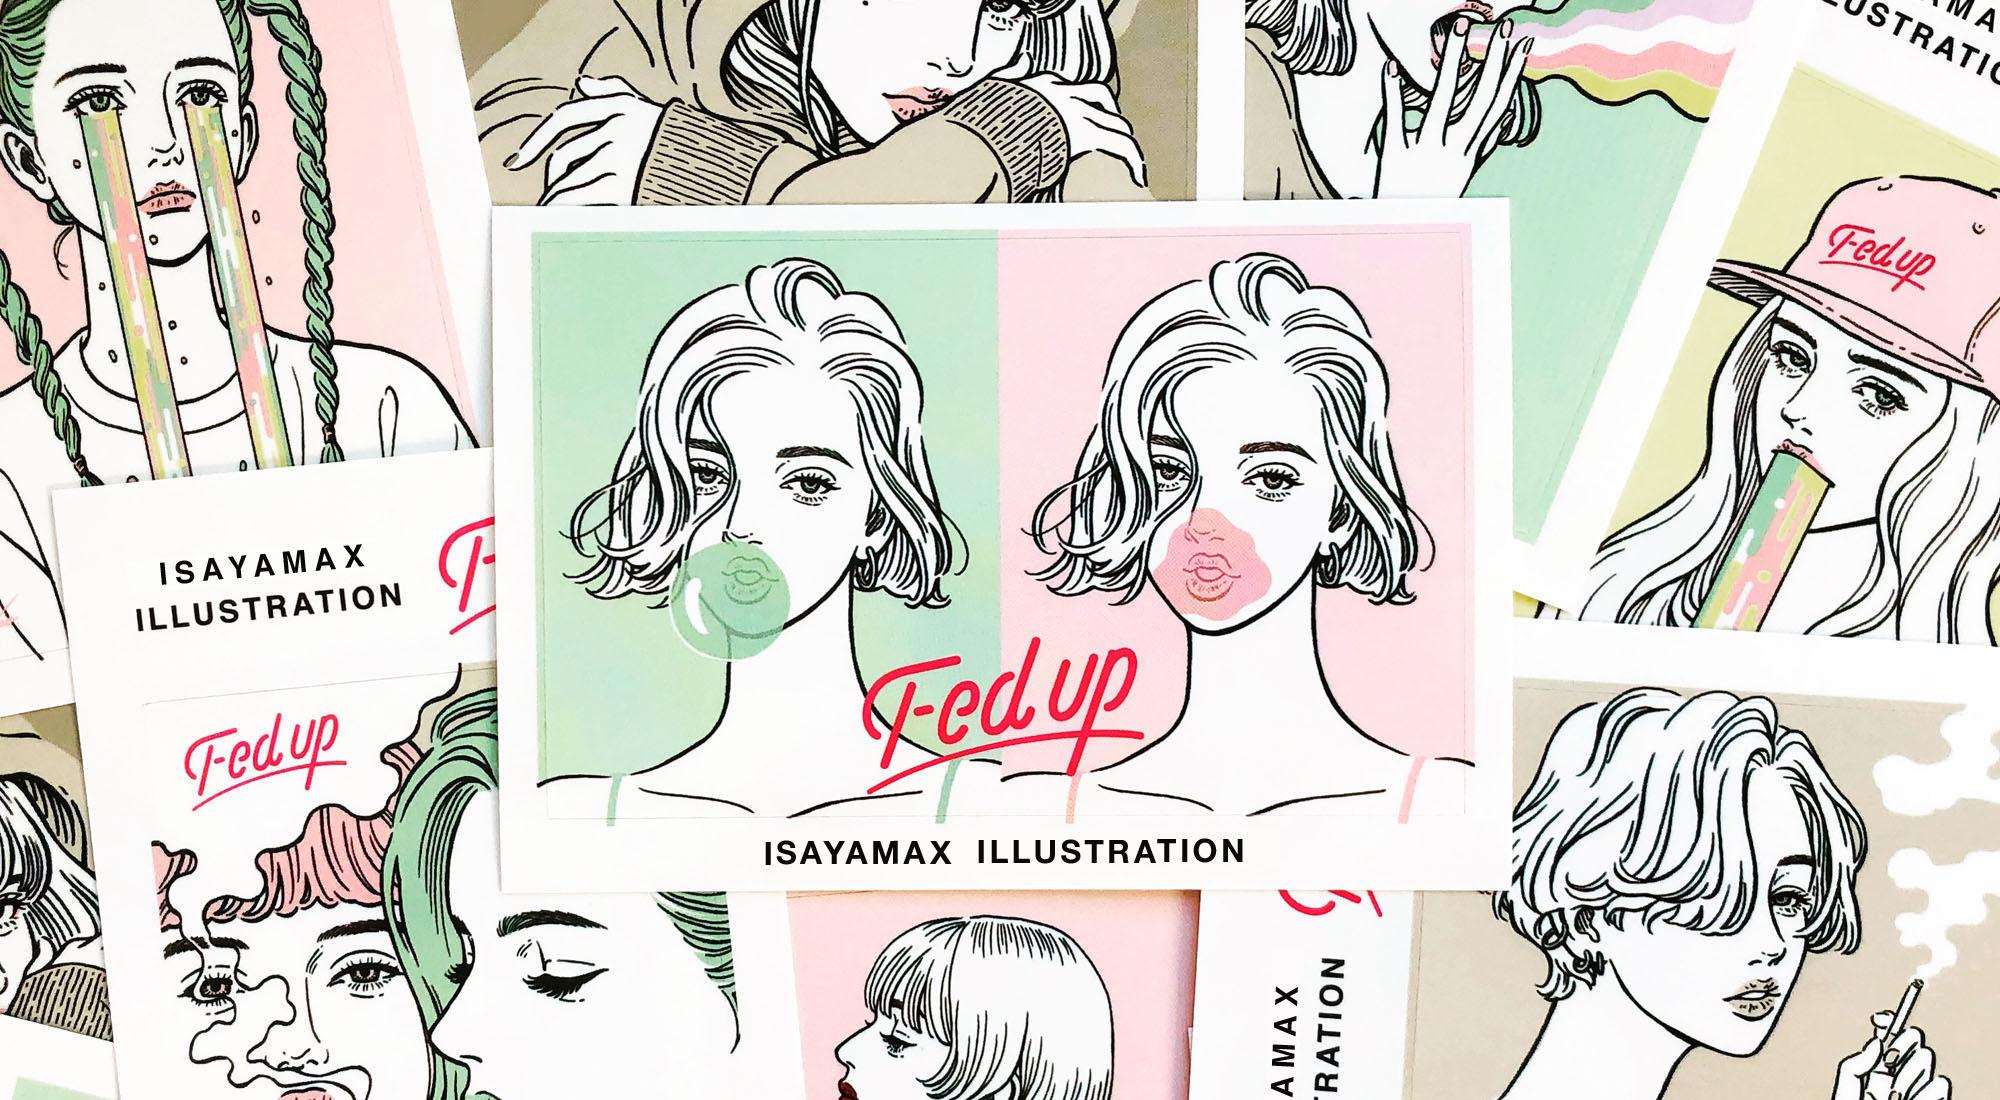 illust & design napsac  |  福岡のイラストレーター isayamax / 諫山直矢